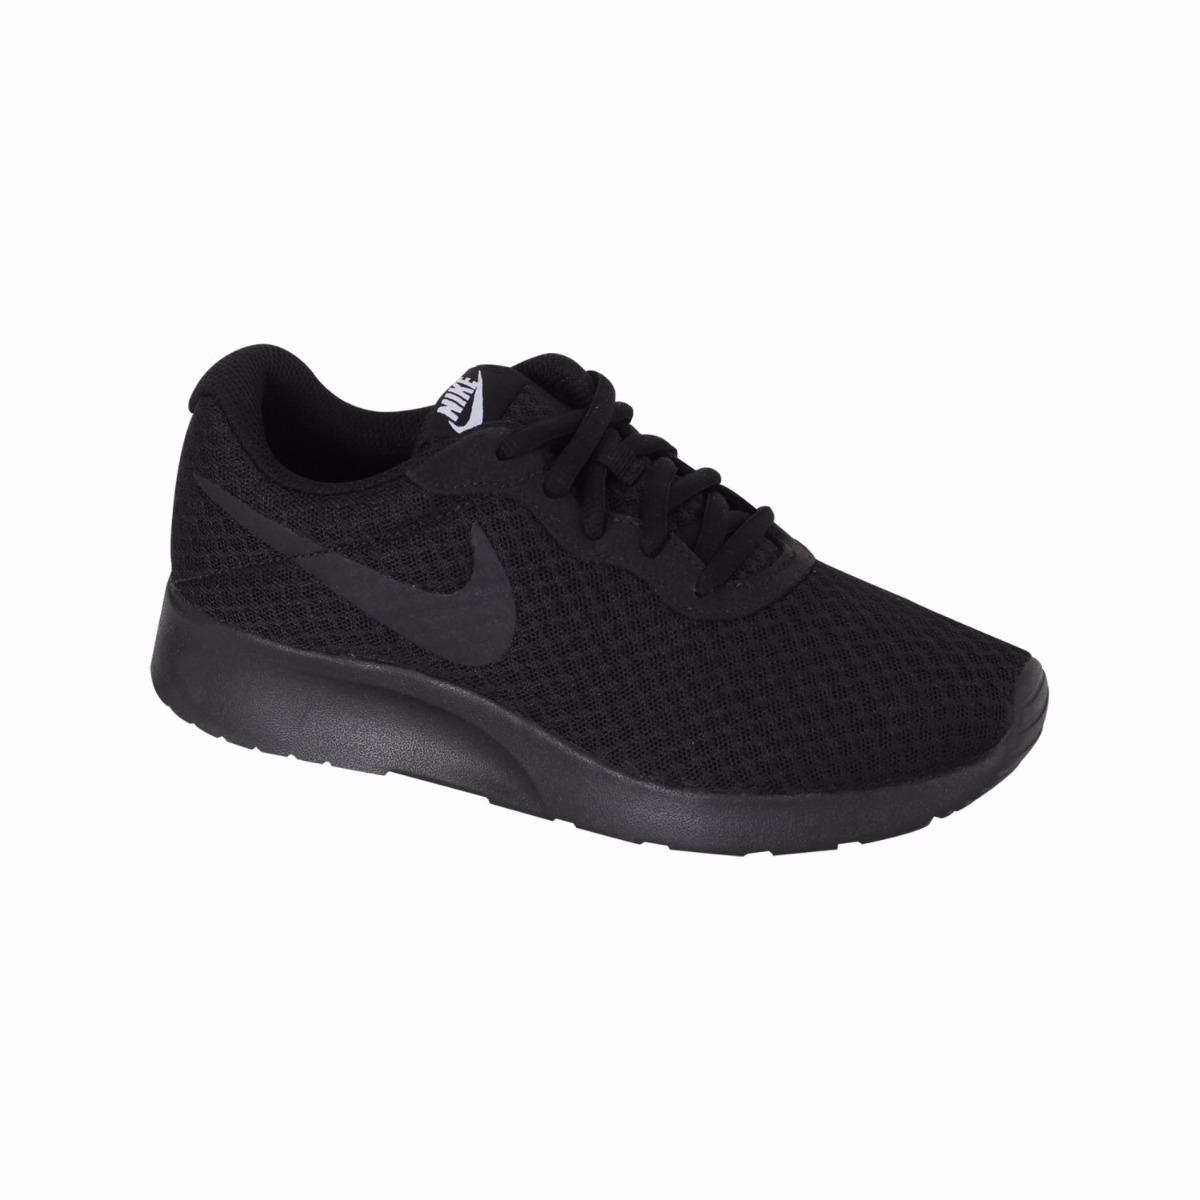 061ff598be Tenis Nike Tanjun Mujer Negros Nuevos Originales - $ 1,475.00 en ...